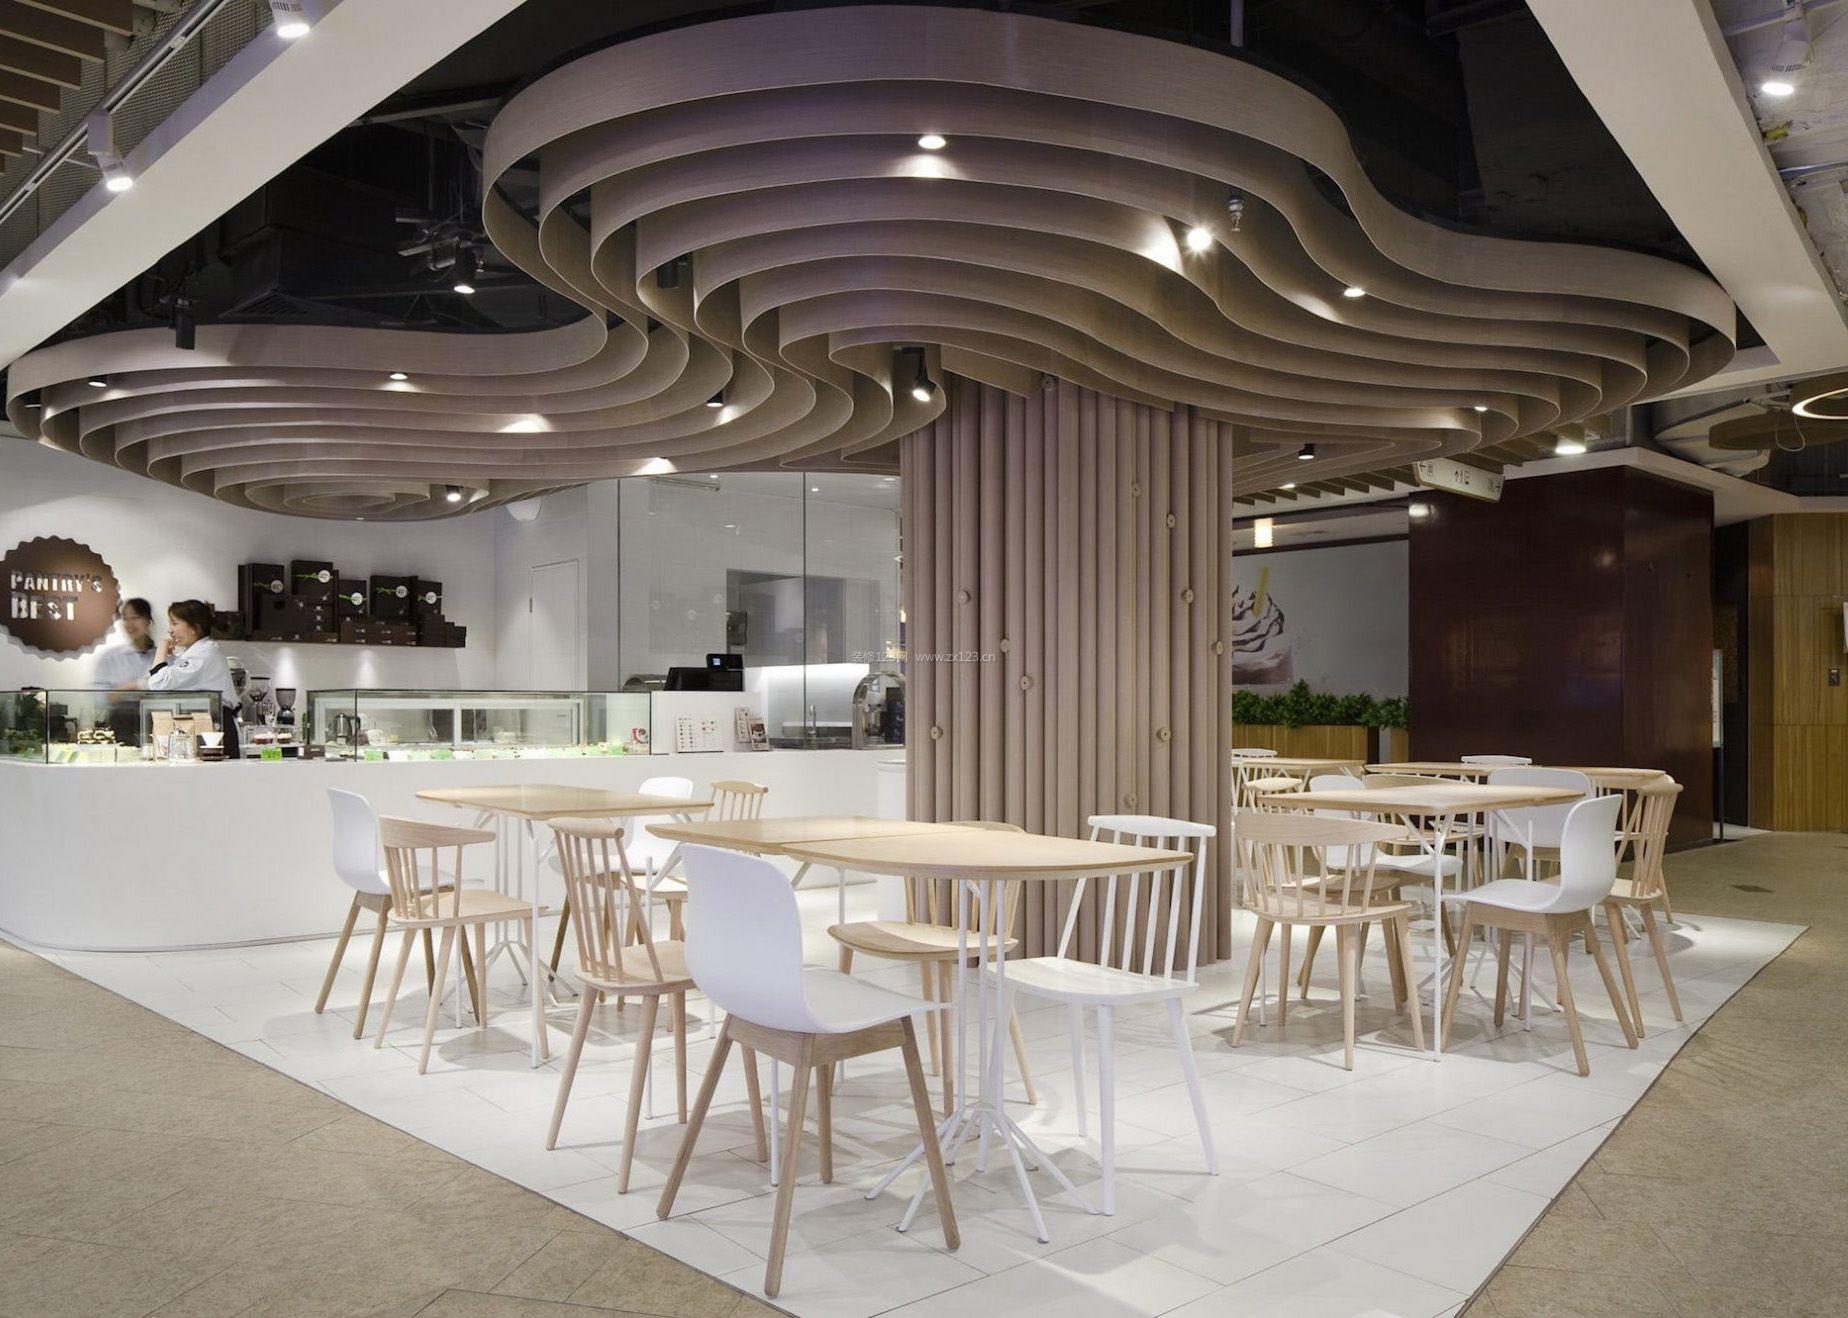 随心滋语diy烘焙体验馆设计图_蛋糕店装修,面包房设计